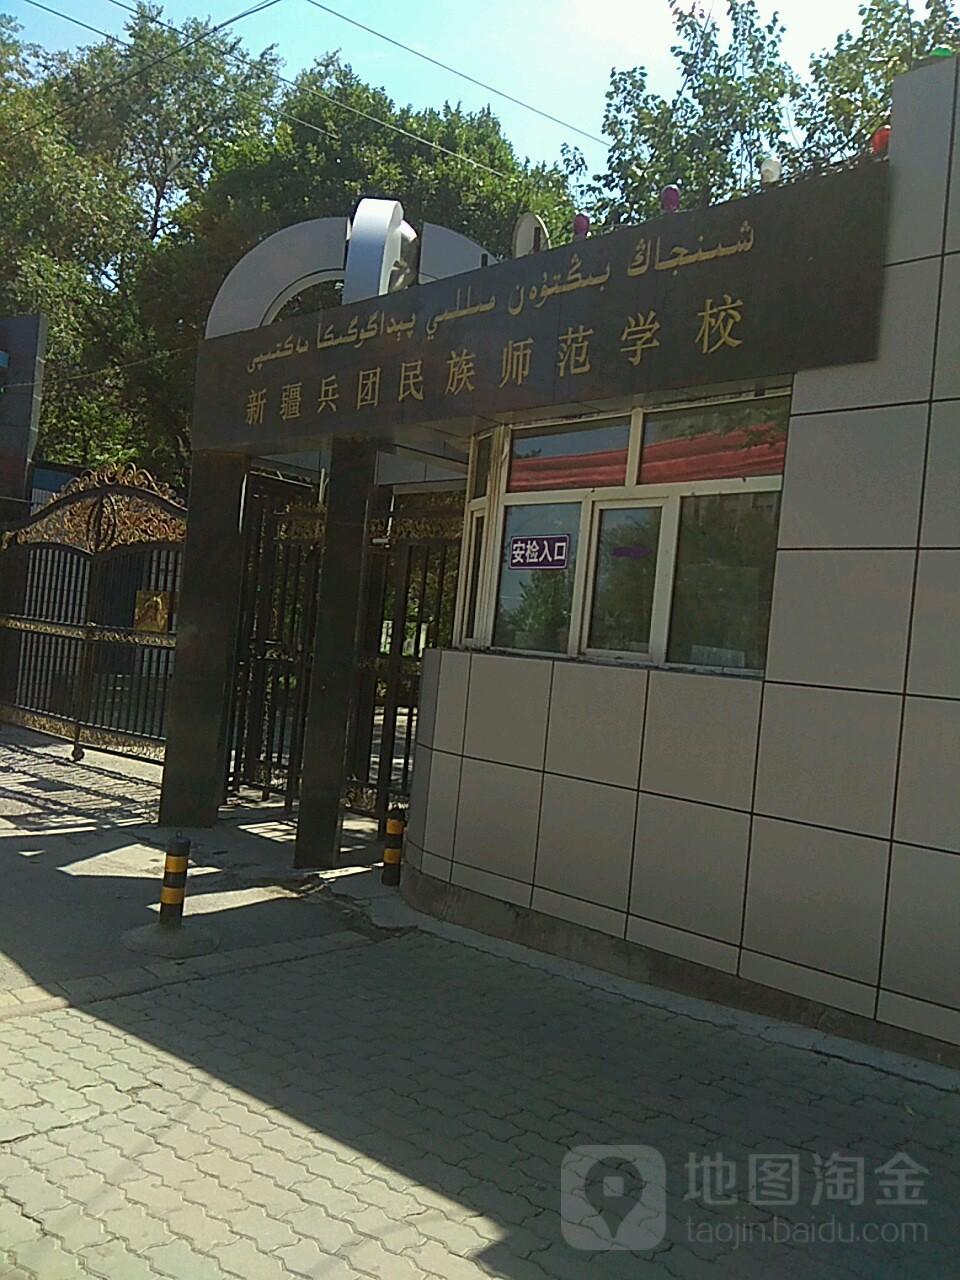 乌鲁木齐市新市区喀什东路1026号排名榜祁东学校高中图片